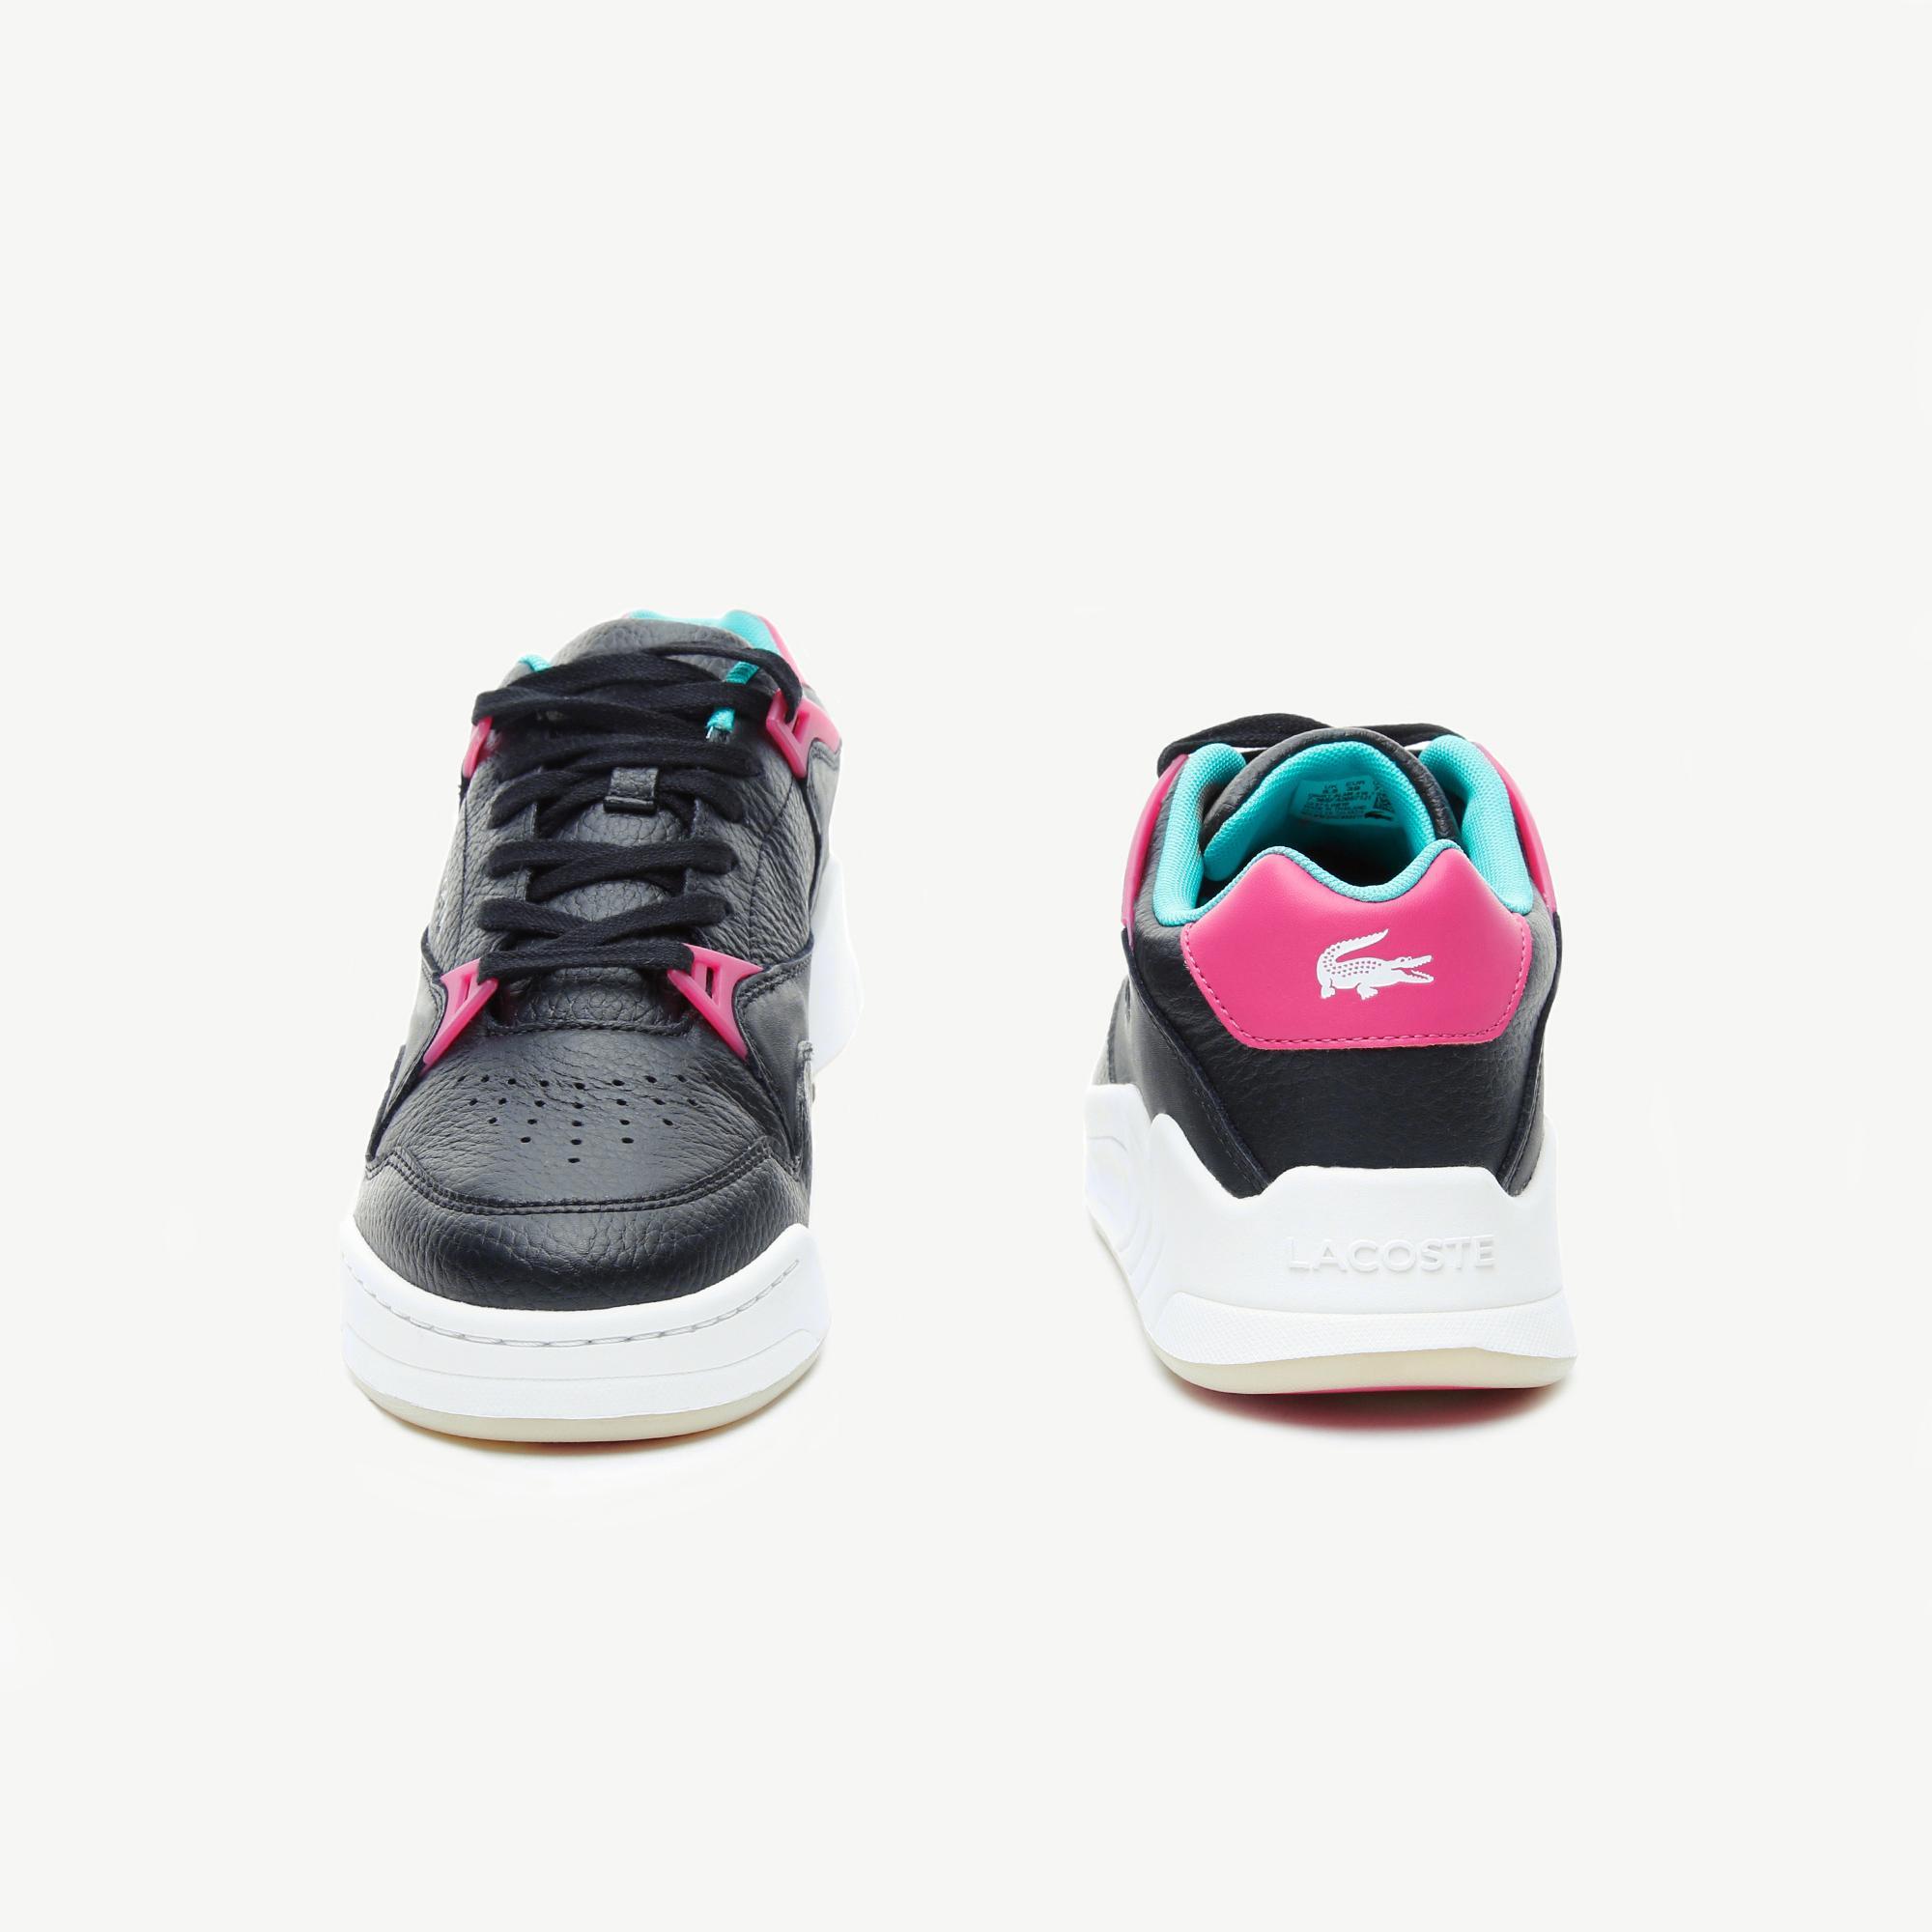 Lacoste Court Slam 419 1 Qsp Sfa Kadın Siyah Sneaker